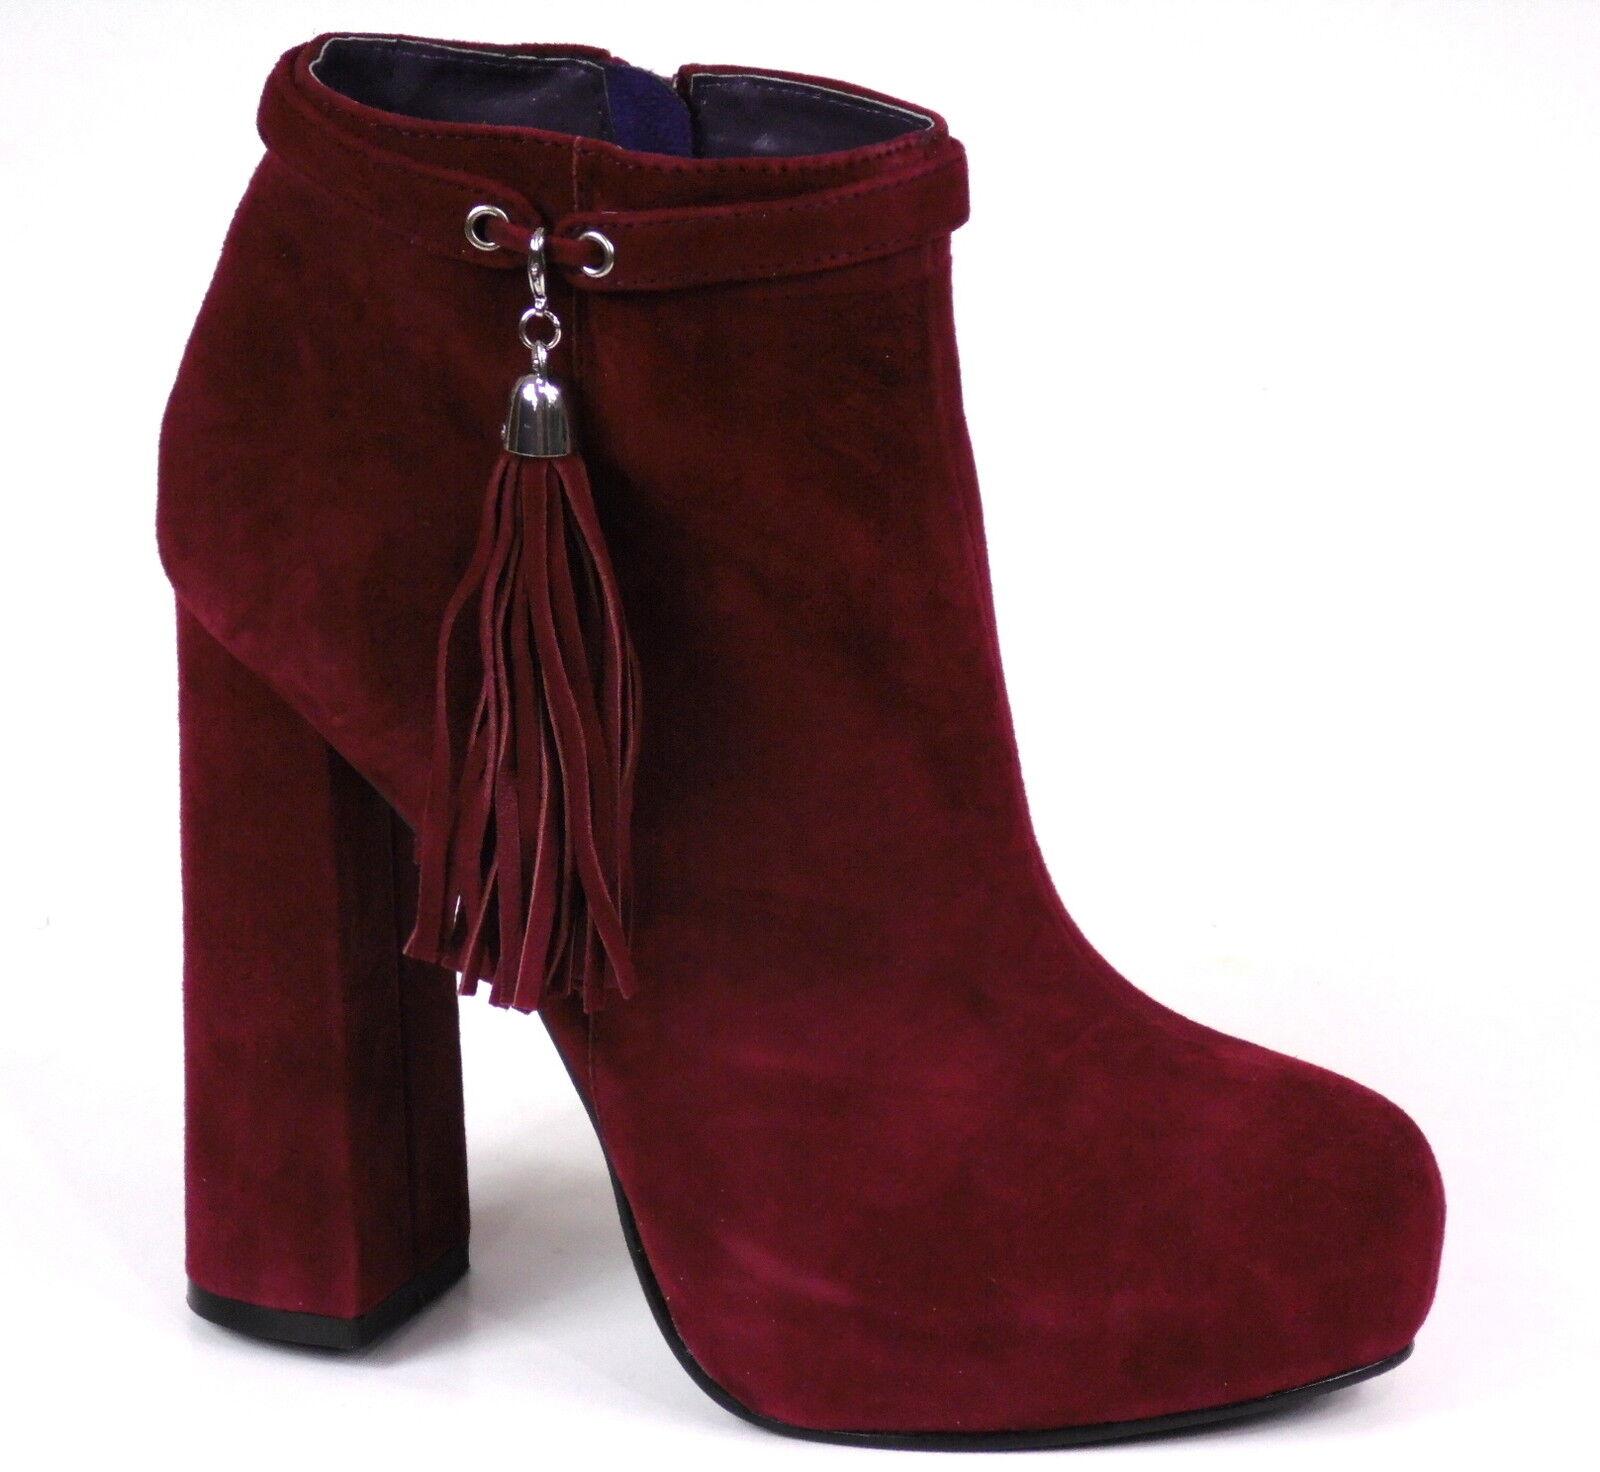 Nuevo Nuevo Nuevo apart botín PVP _  cuero talla 36 hasta 41 señora botas botines rojo  Sin impuestos